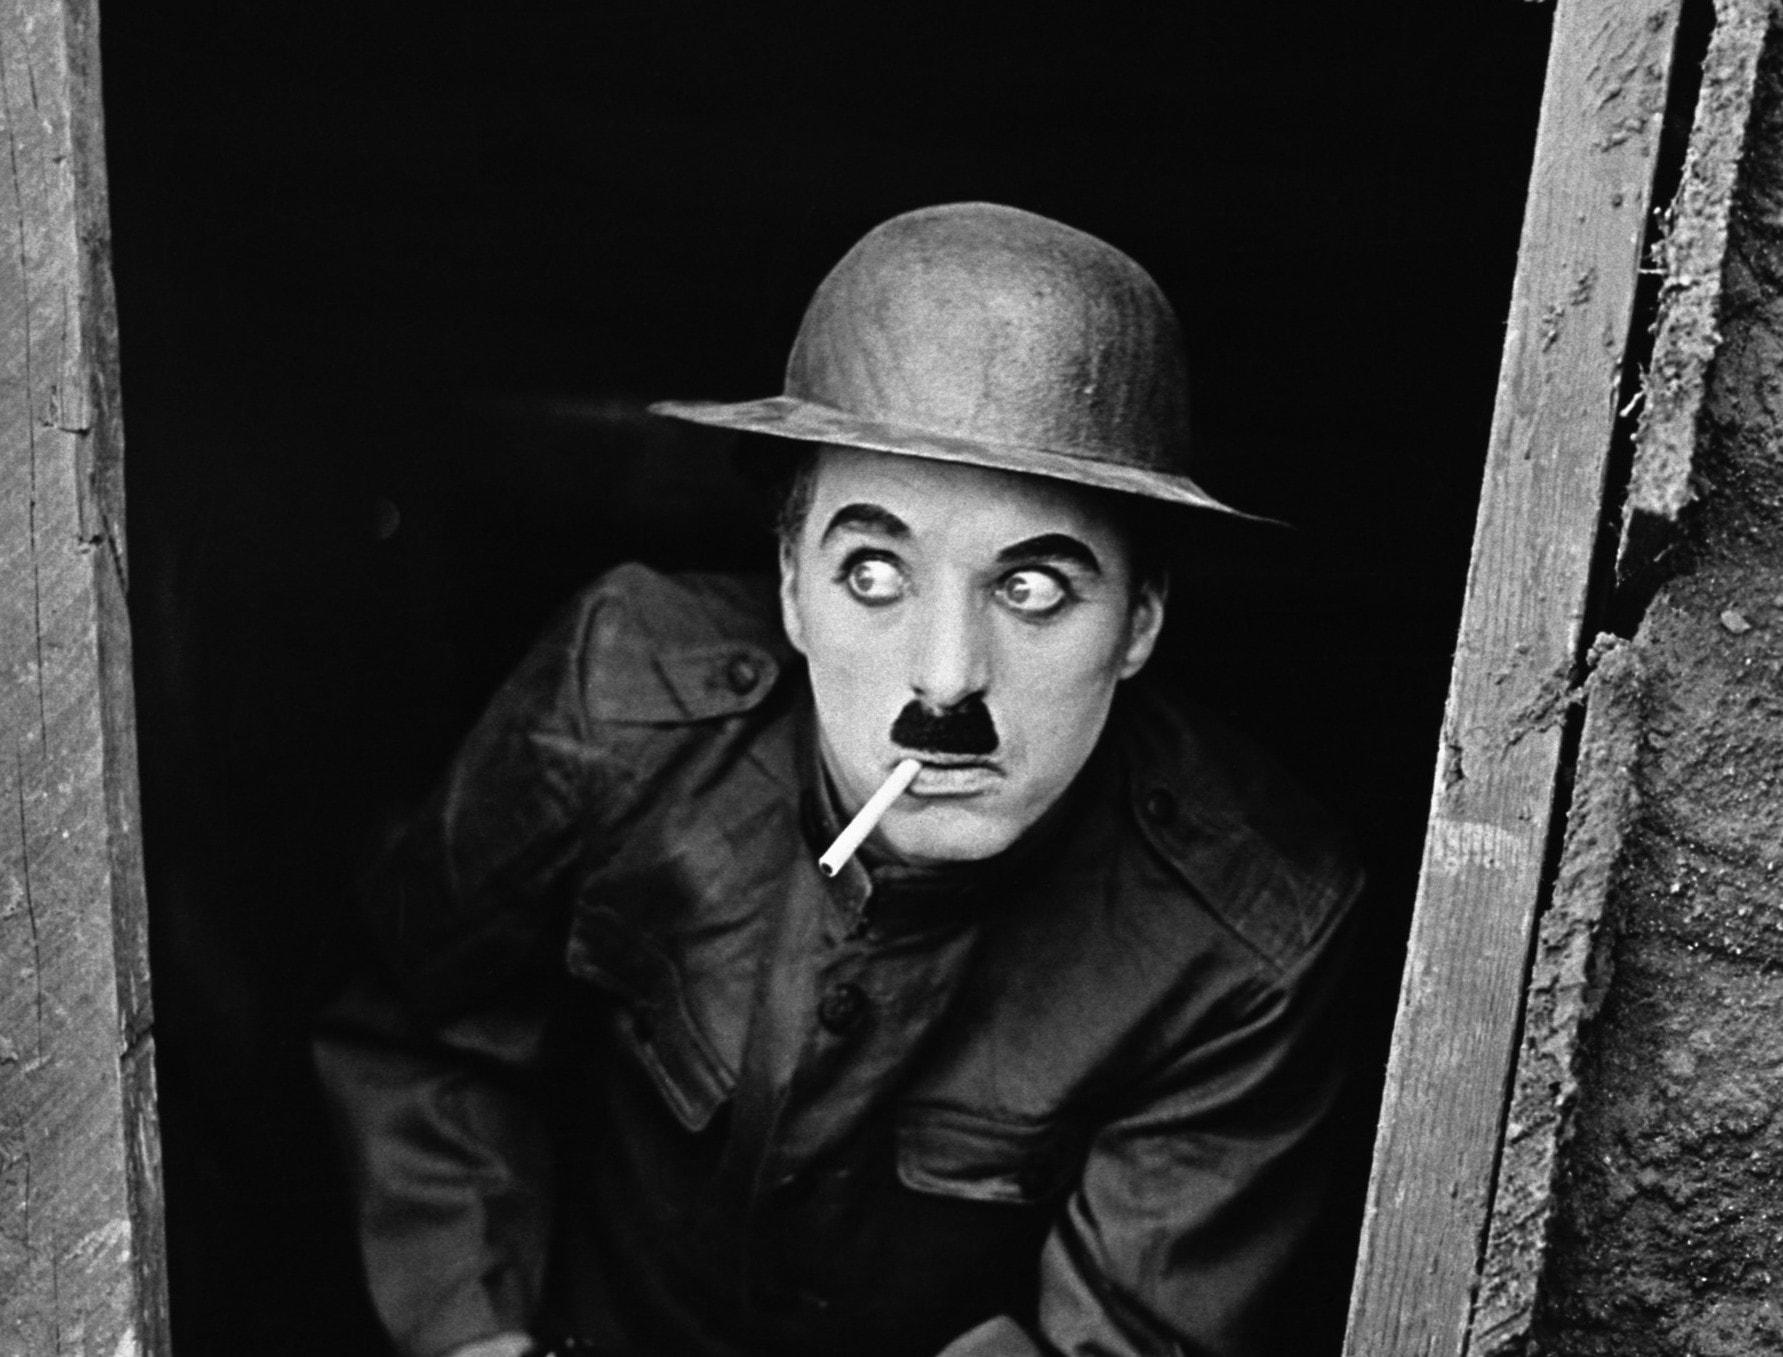 Charlie Chaplin Wallpaper 13   1783 X 1357 stmednet 1783x1357